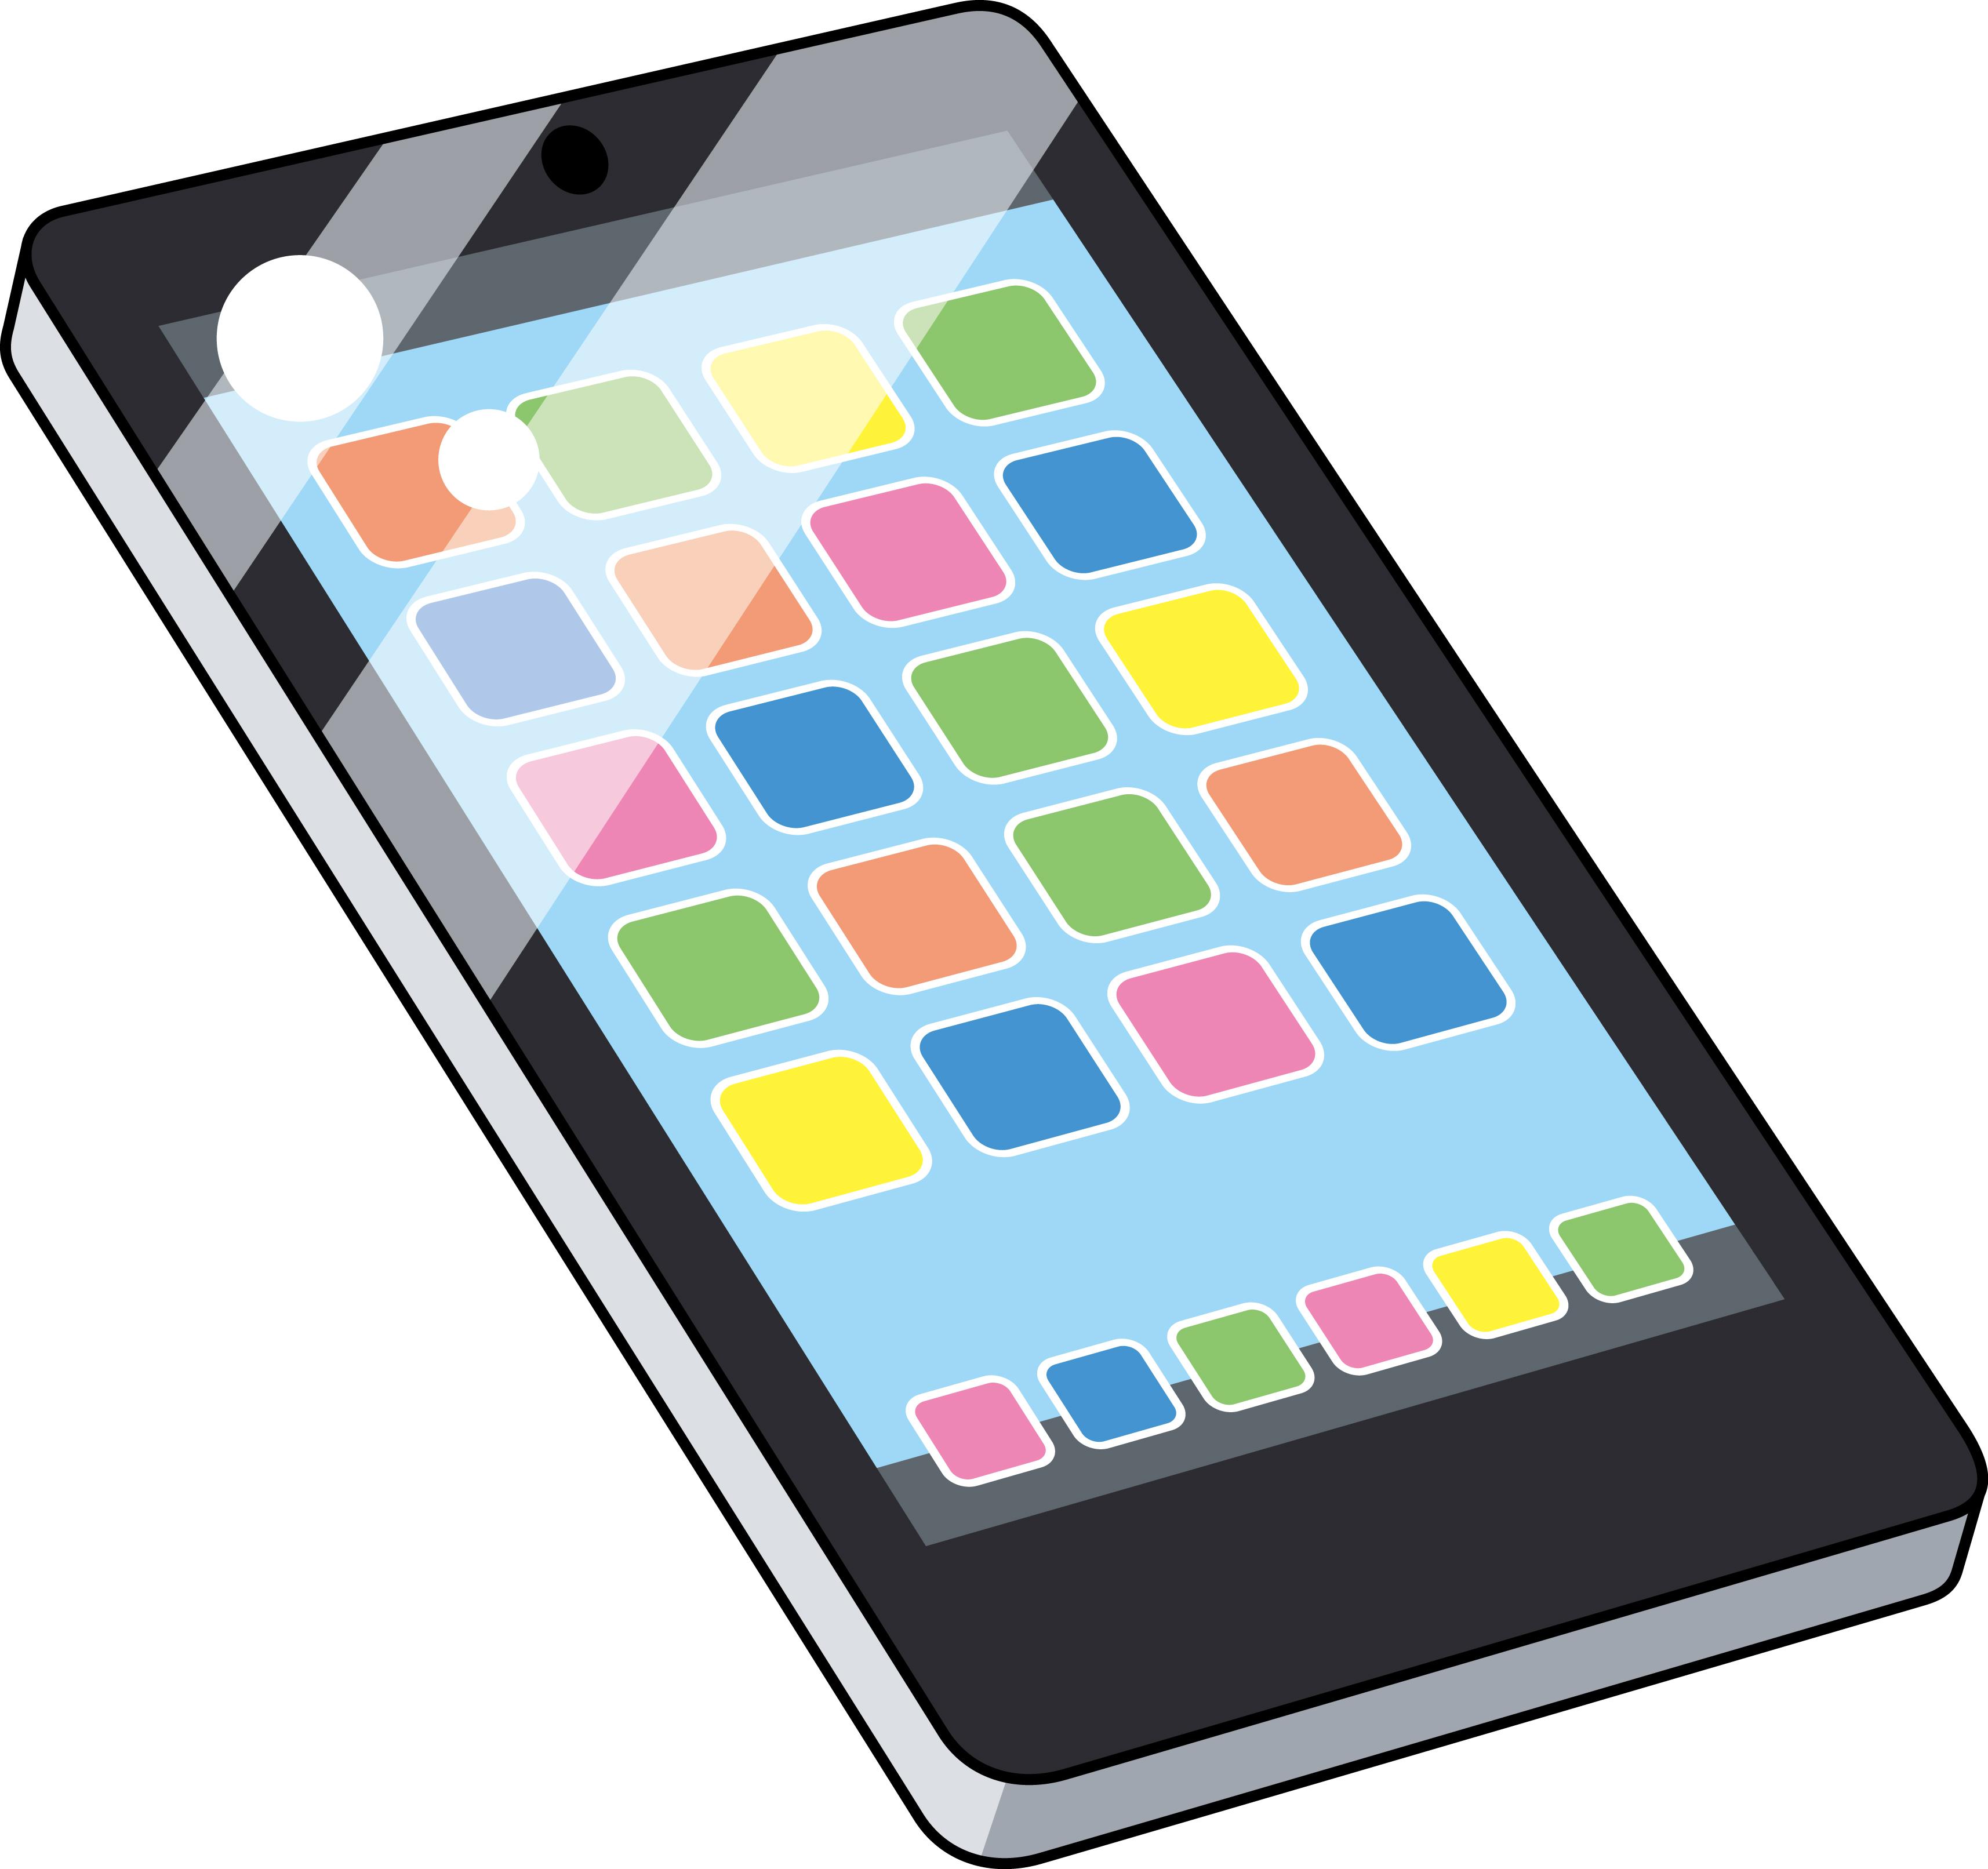 発達障害児のためのモバイルアプリ活用法